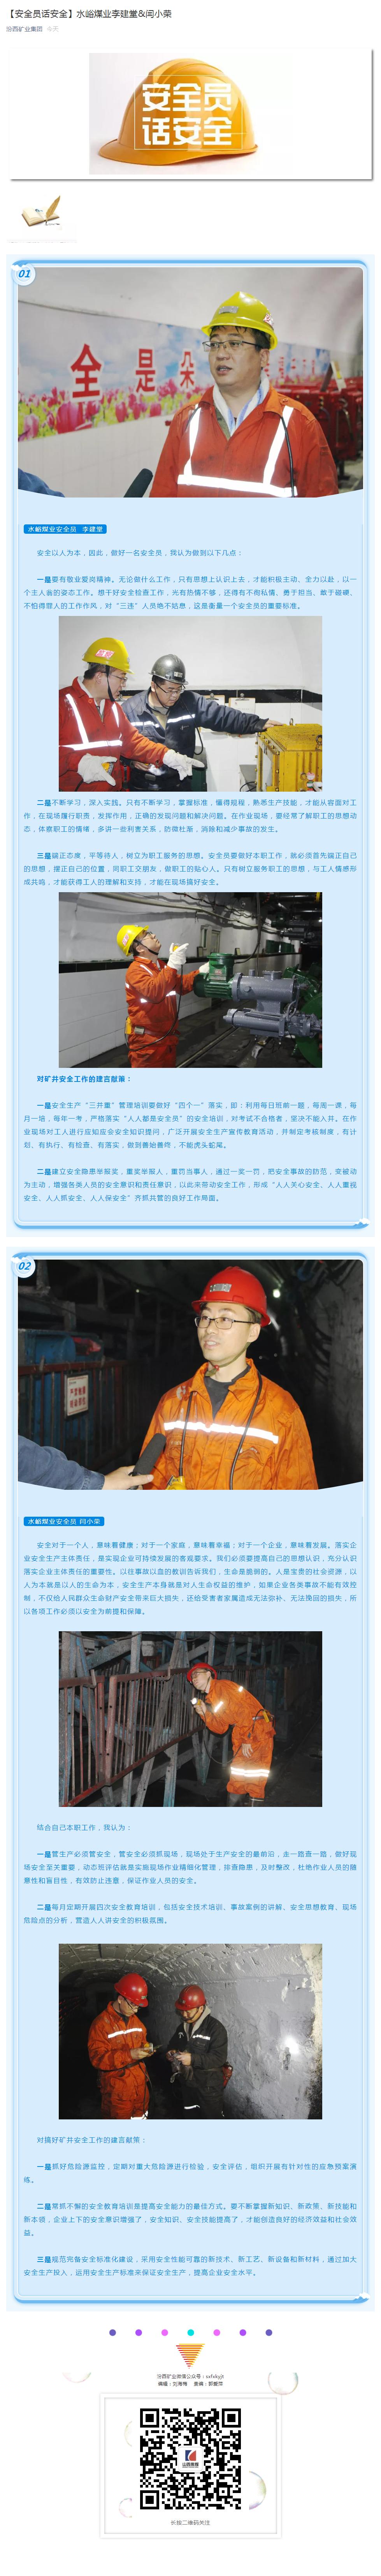 【安全员话安全】水峪煤业李建堂&闫小荣.png